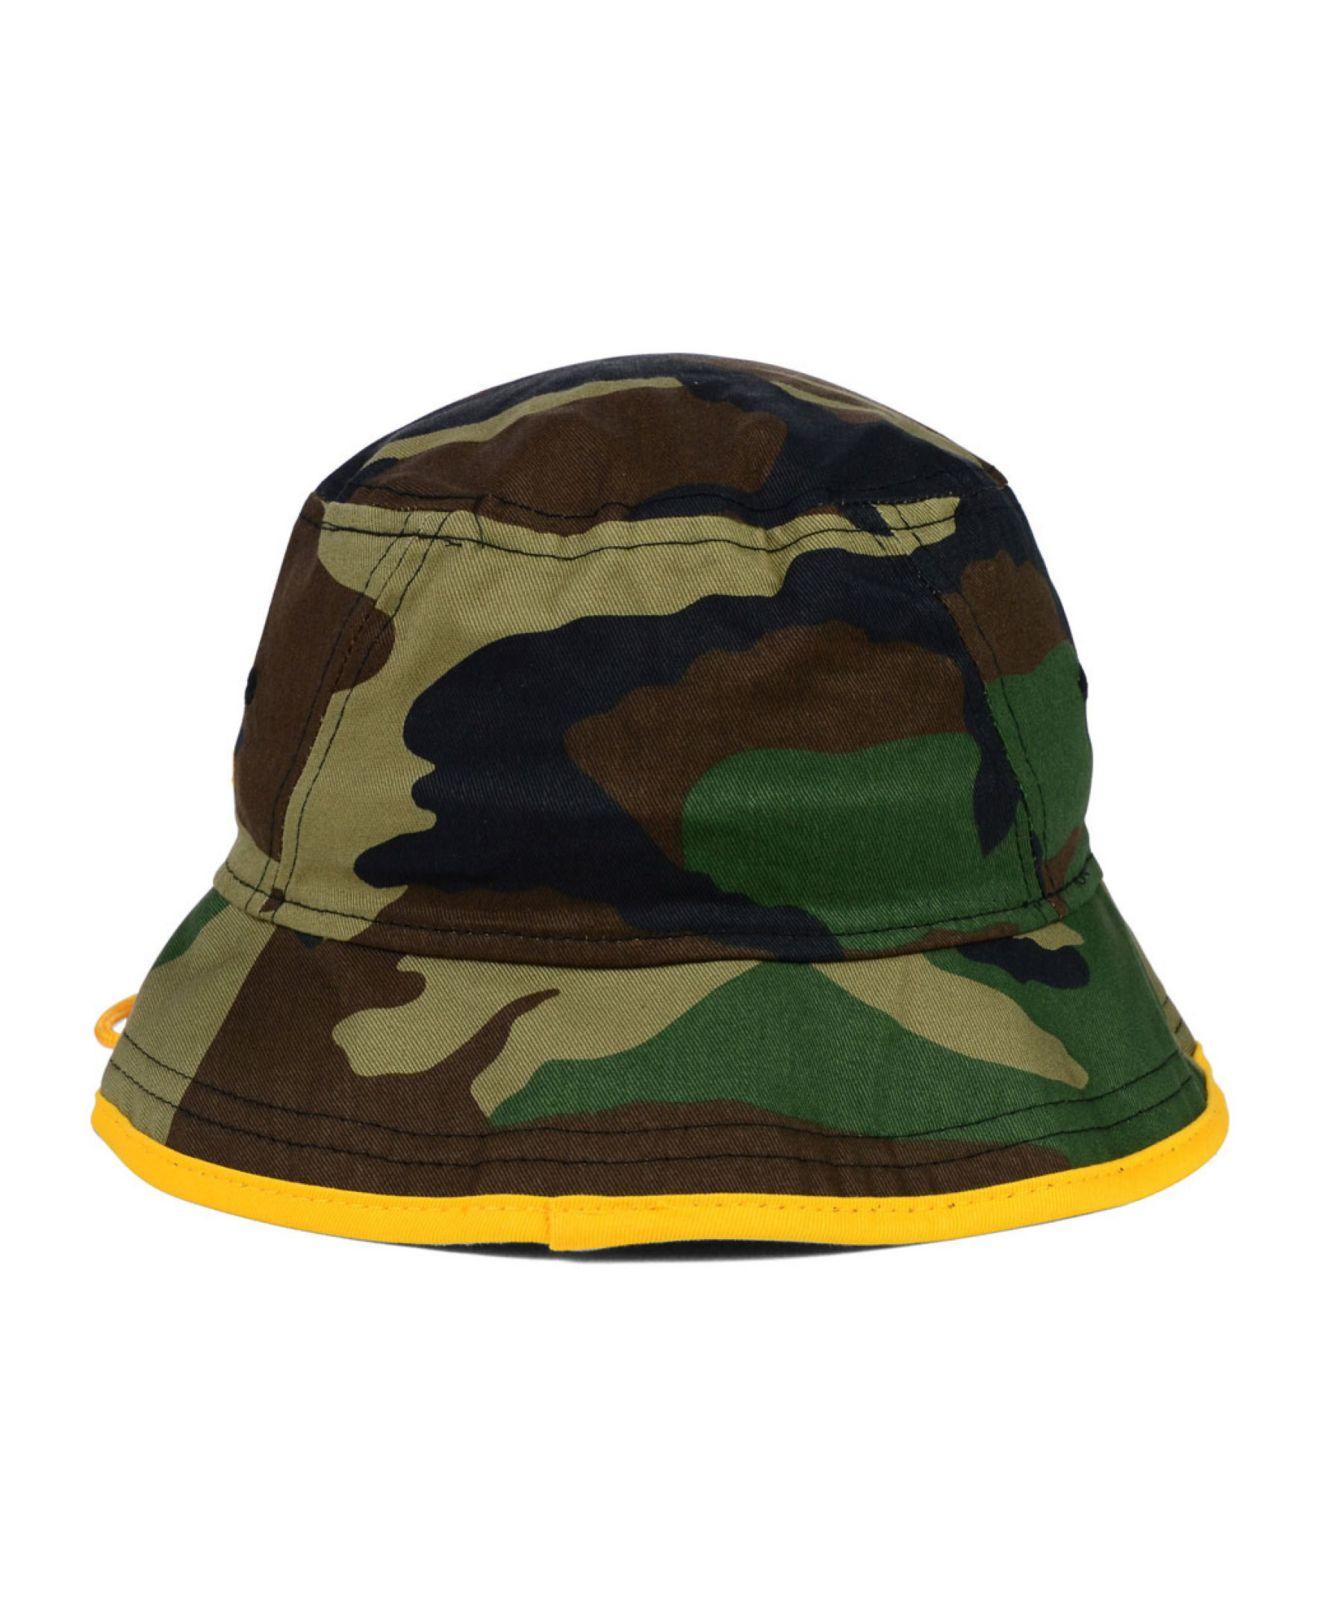 6e8ce20245e Lyst - KTZ Pittsburgh Steelers Camo Pop Bucket Hat in Green for Men